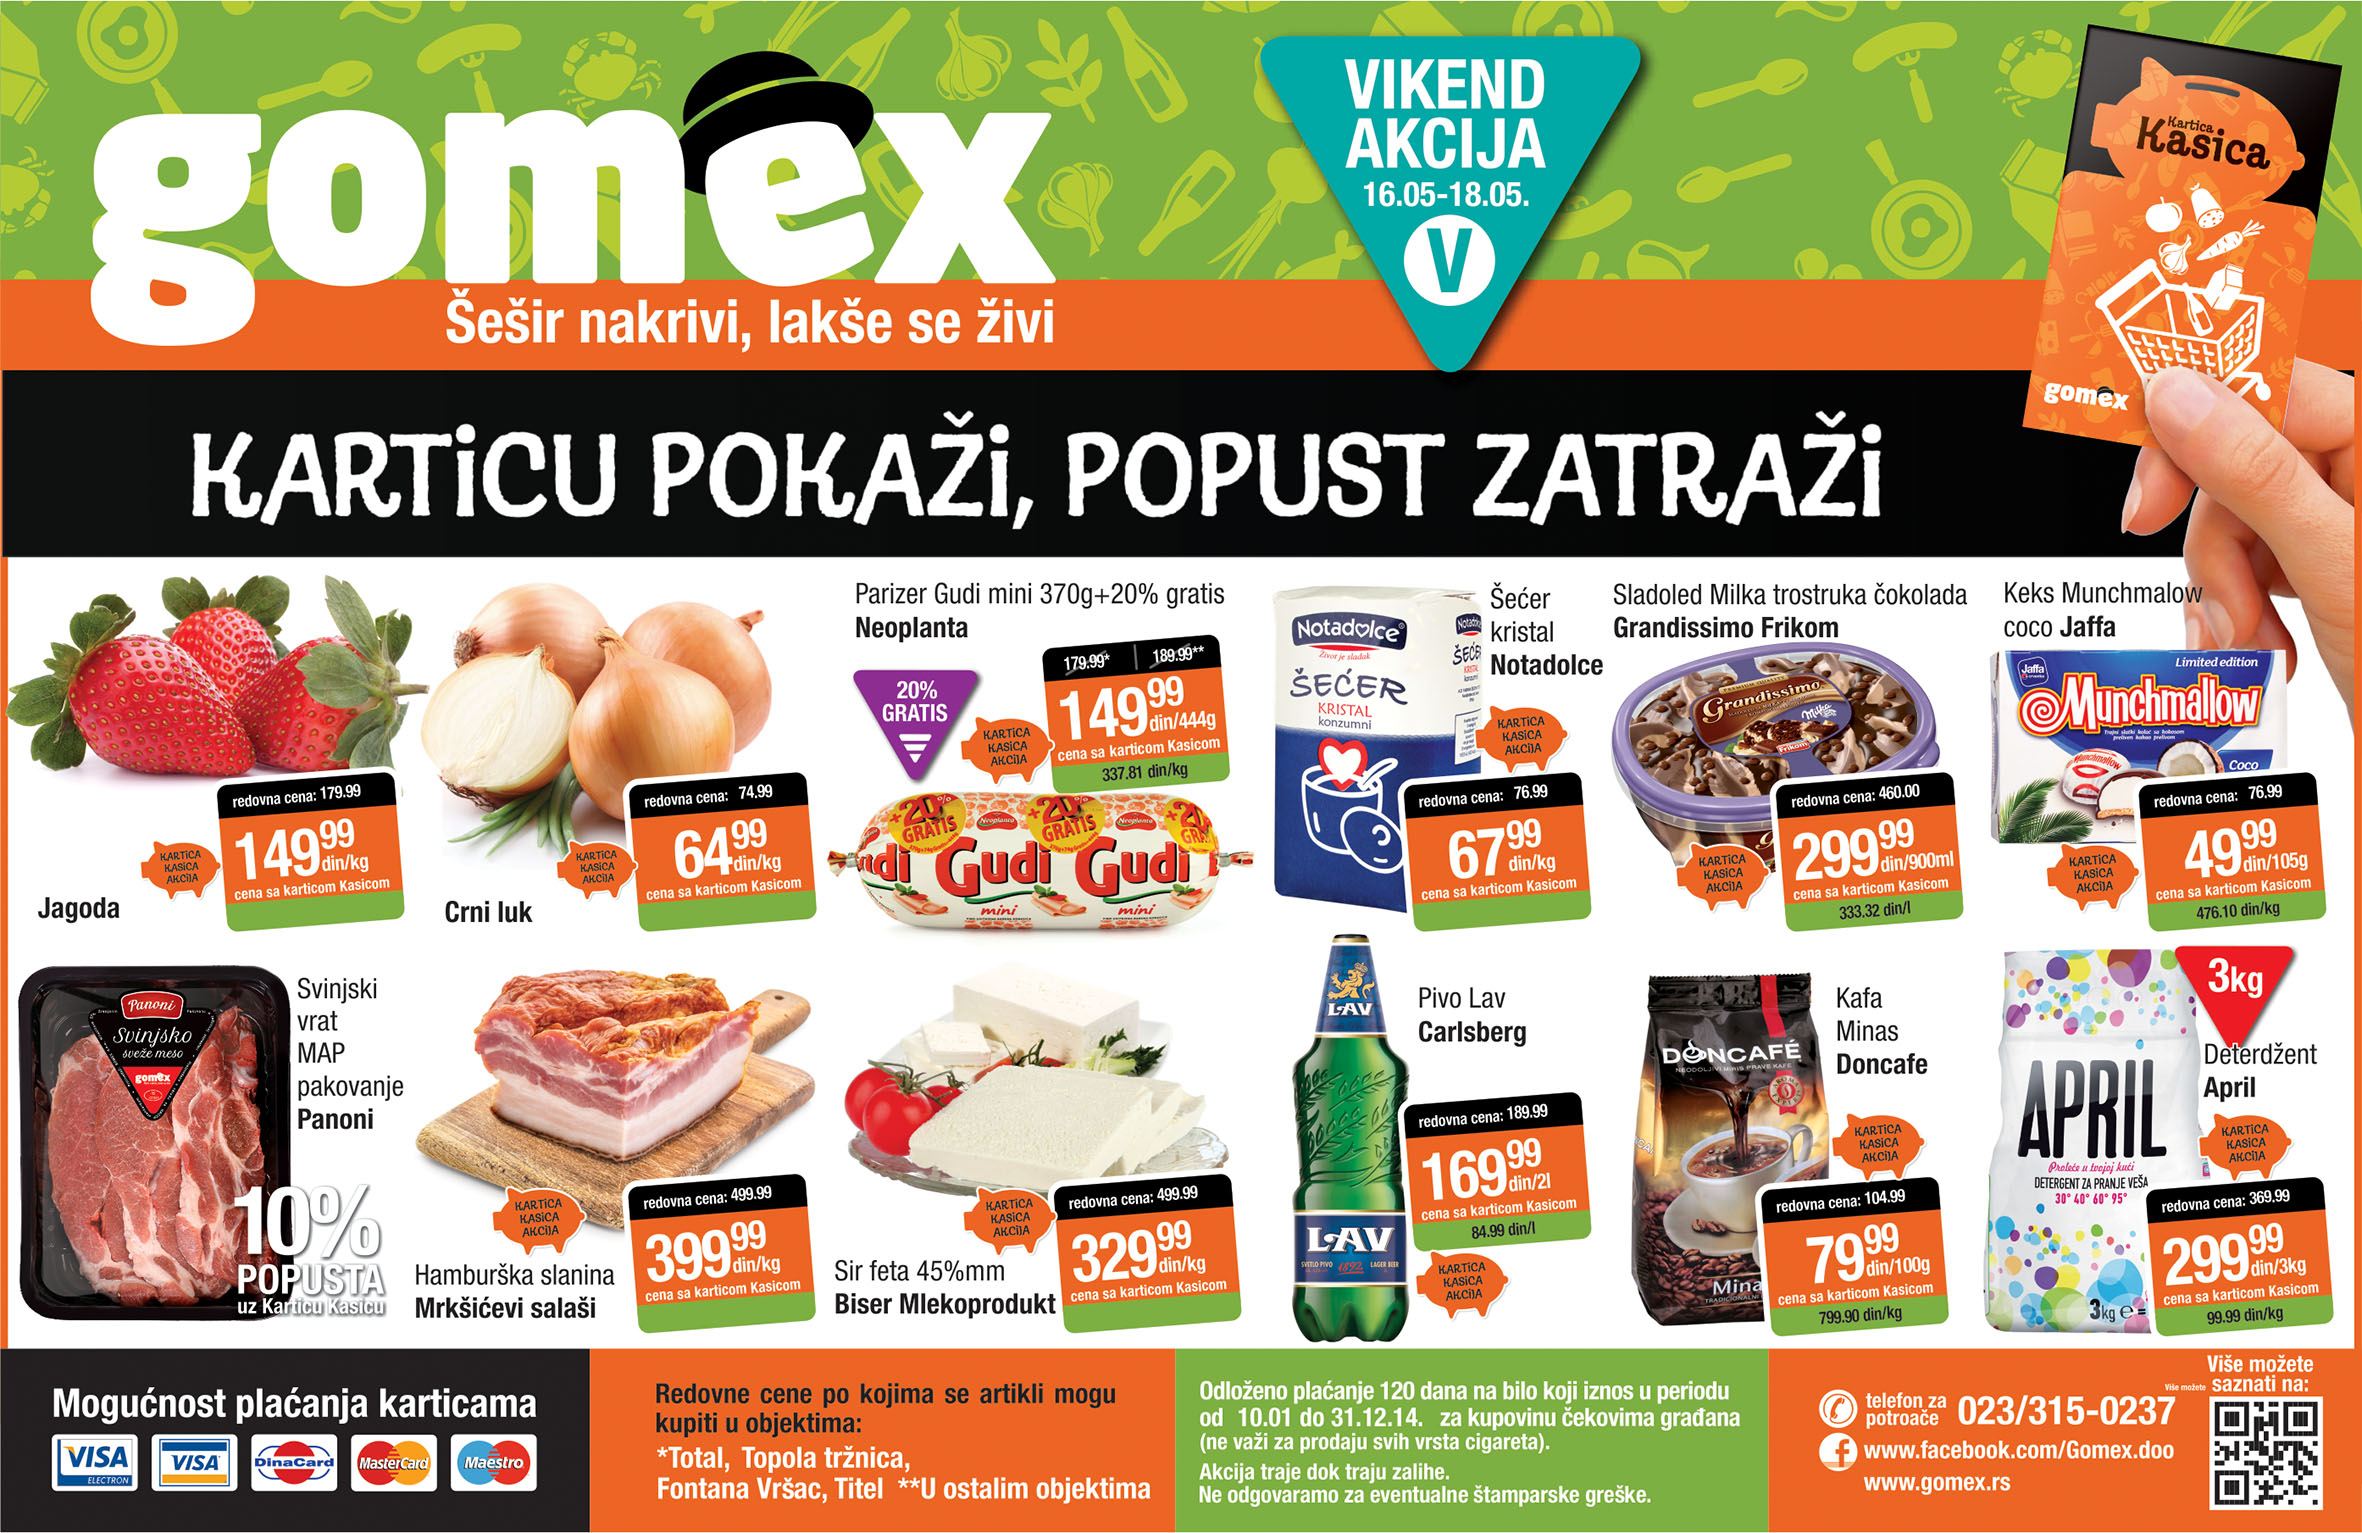 Gomex akcija vikend niskih cena počinje